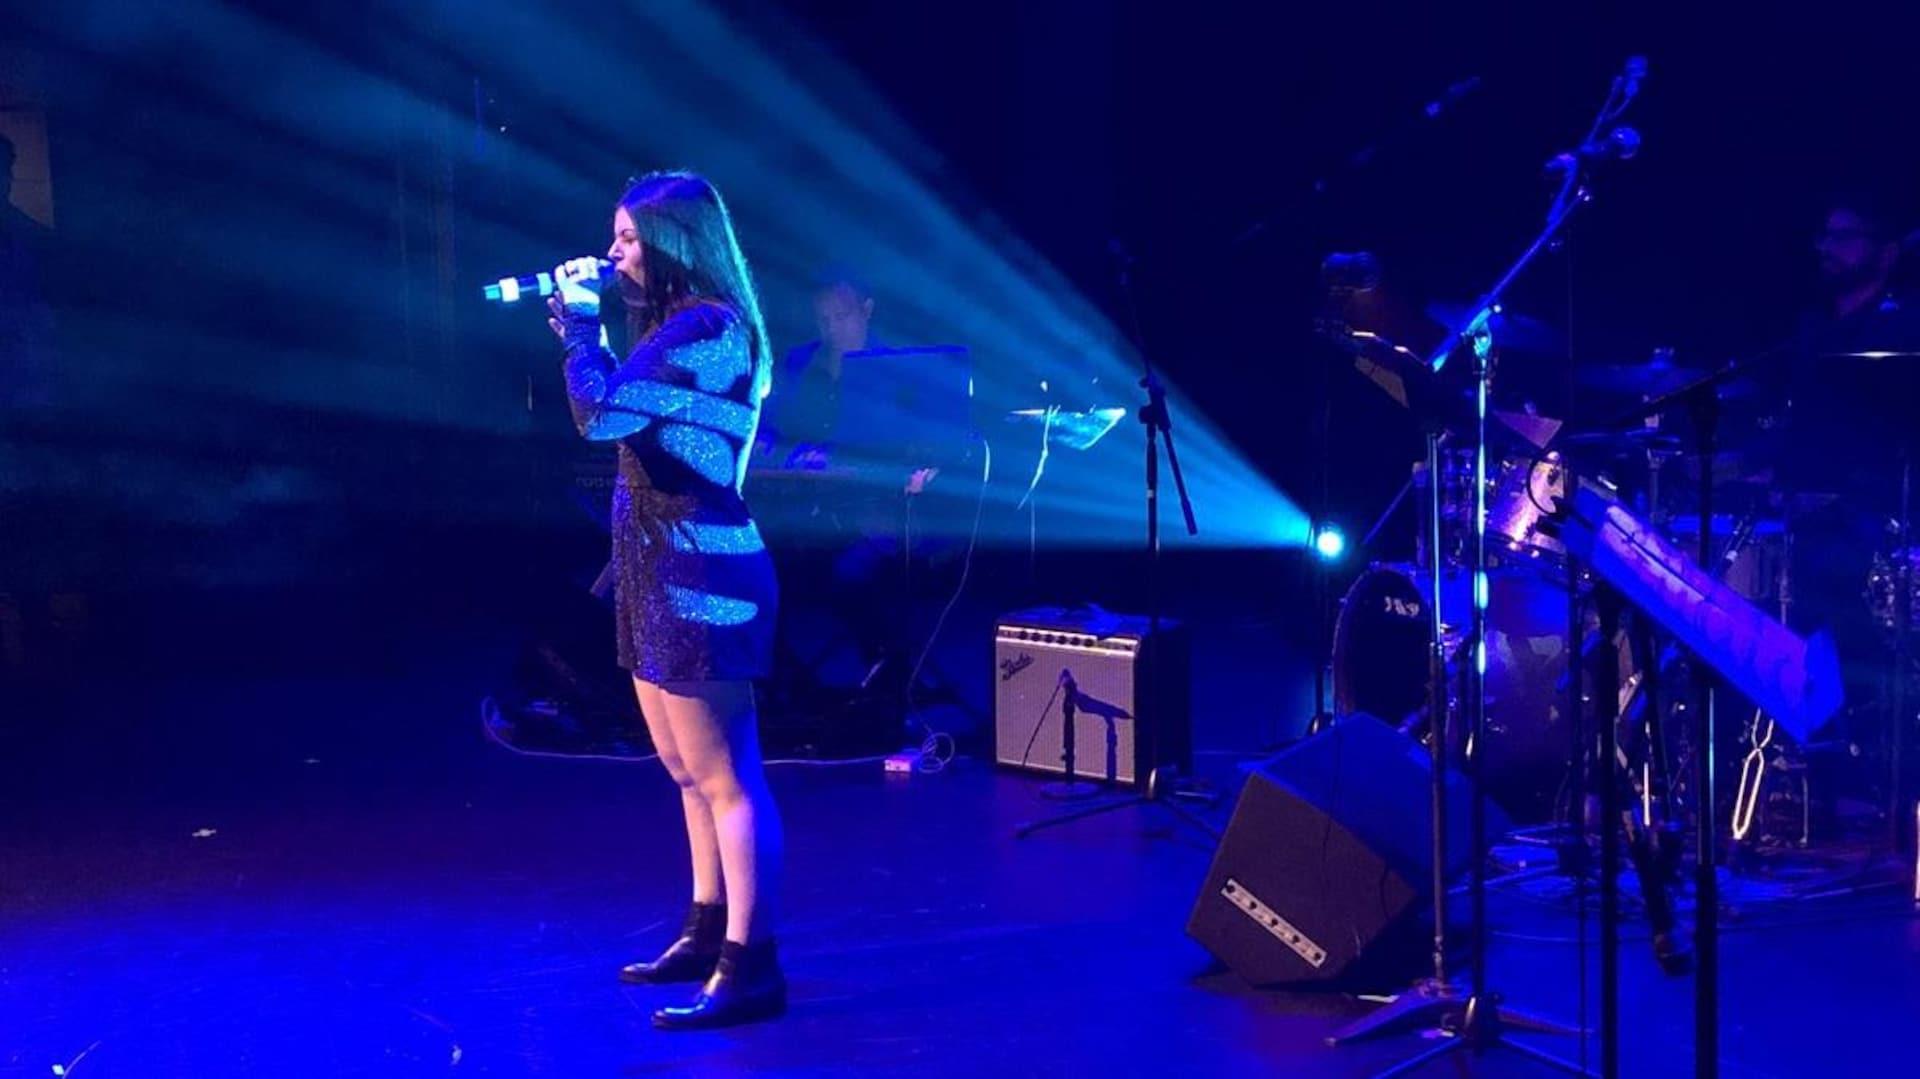 Une jeune fille sur scène un micro à la main.